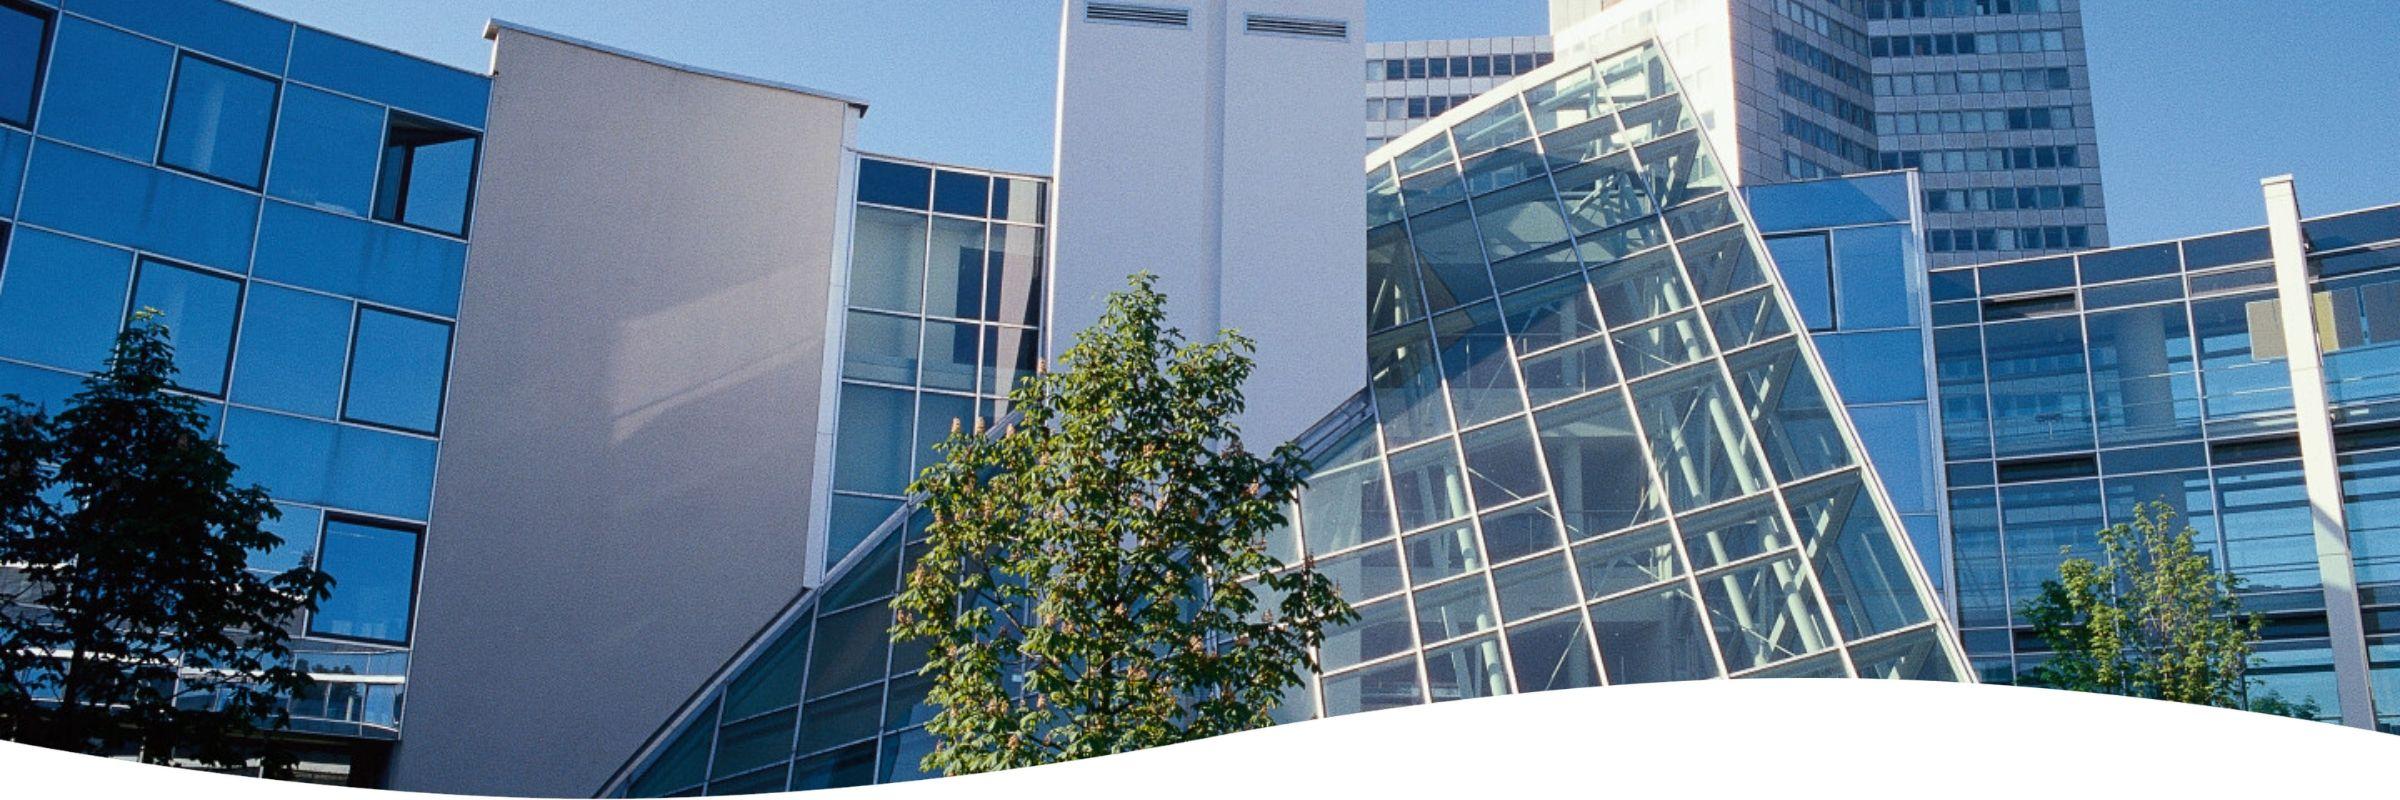 Kontakt zur TÜV Rheinland Zentrale Köln